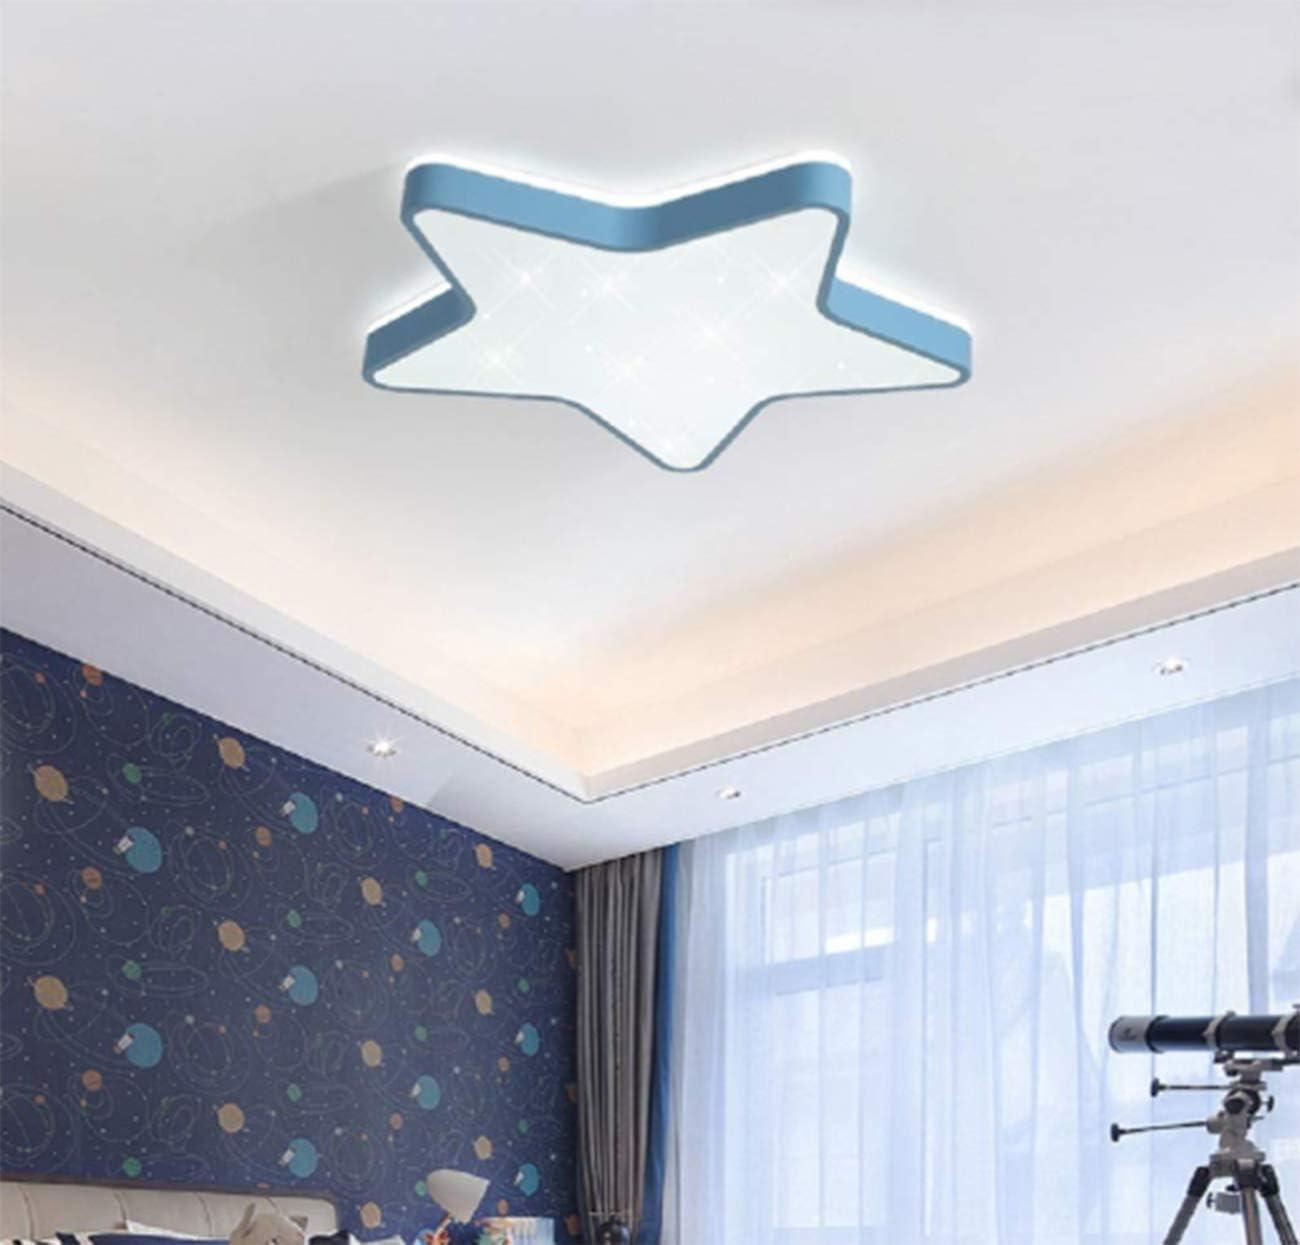 regalo ideale per bambini bianco, 36w luce bianca Plafoniera a forma di stella a LED Lampada a sospensione romantica per camera soggiorno